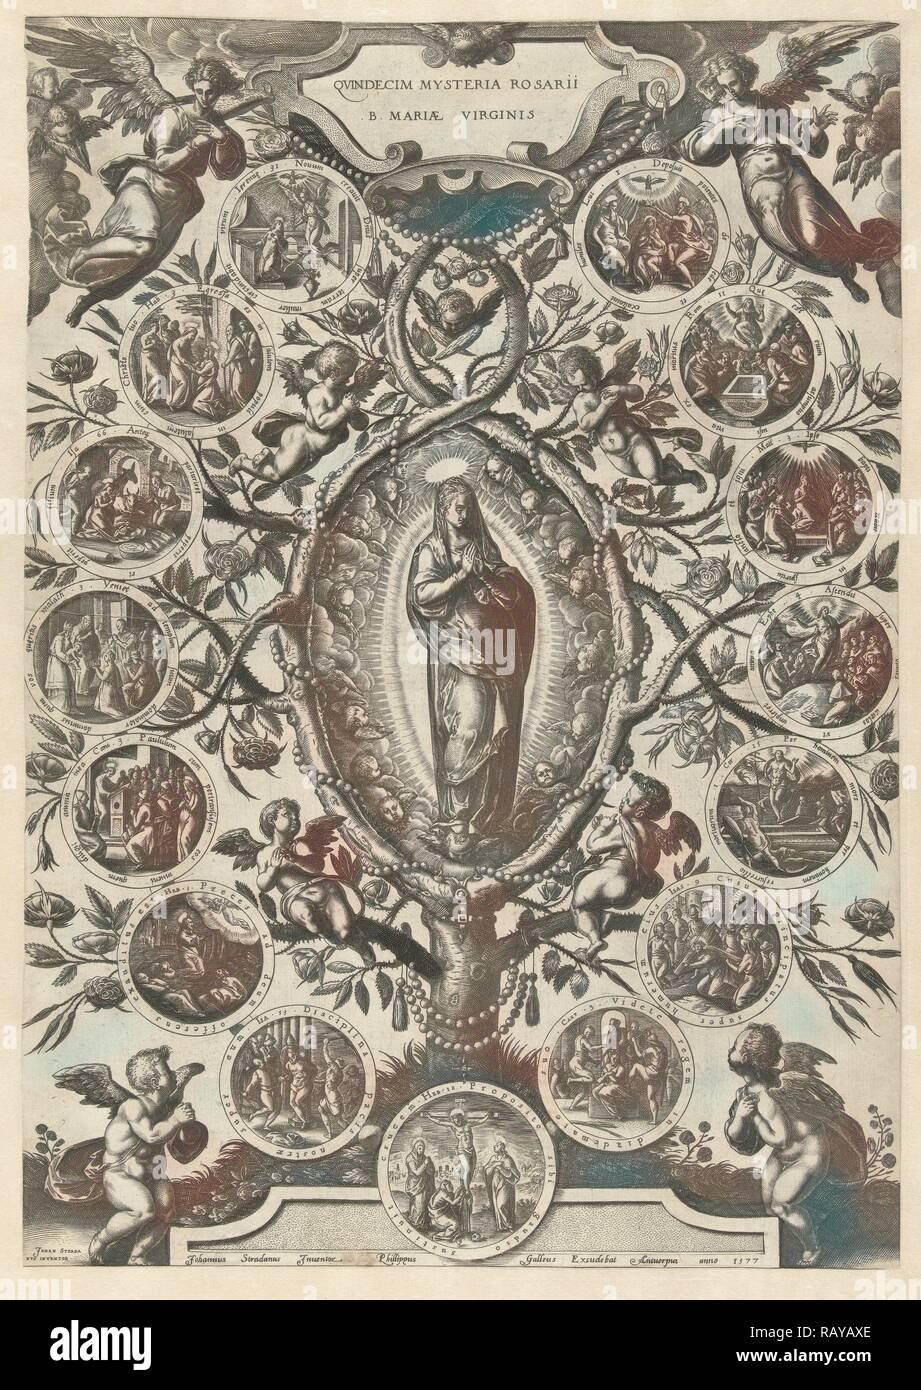 Maria des Rosenkranzes, drucken Teekocher: Jan van der Straet, Philips Galle, 1577. Neuerfundene durch Gibon. Klassische Kunst mit einem Neuerfundene Stockbild